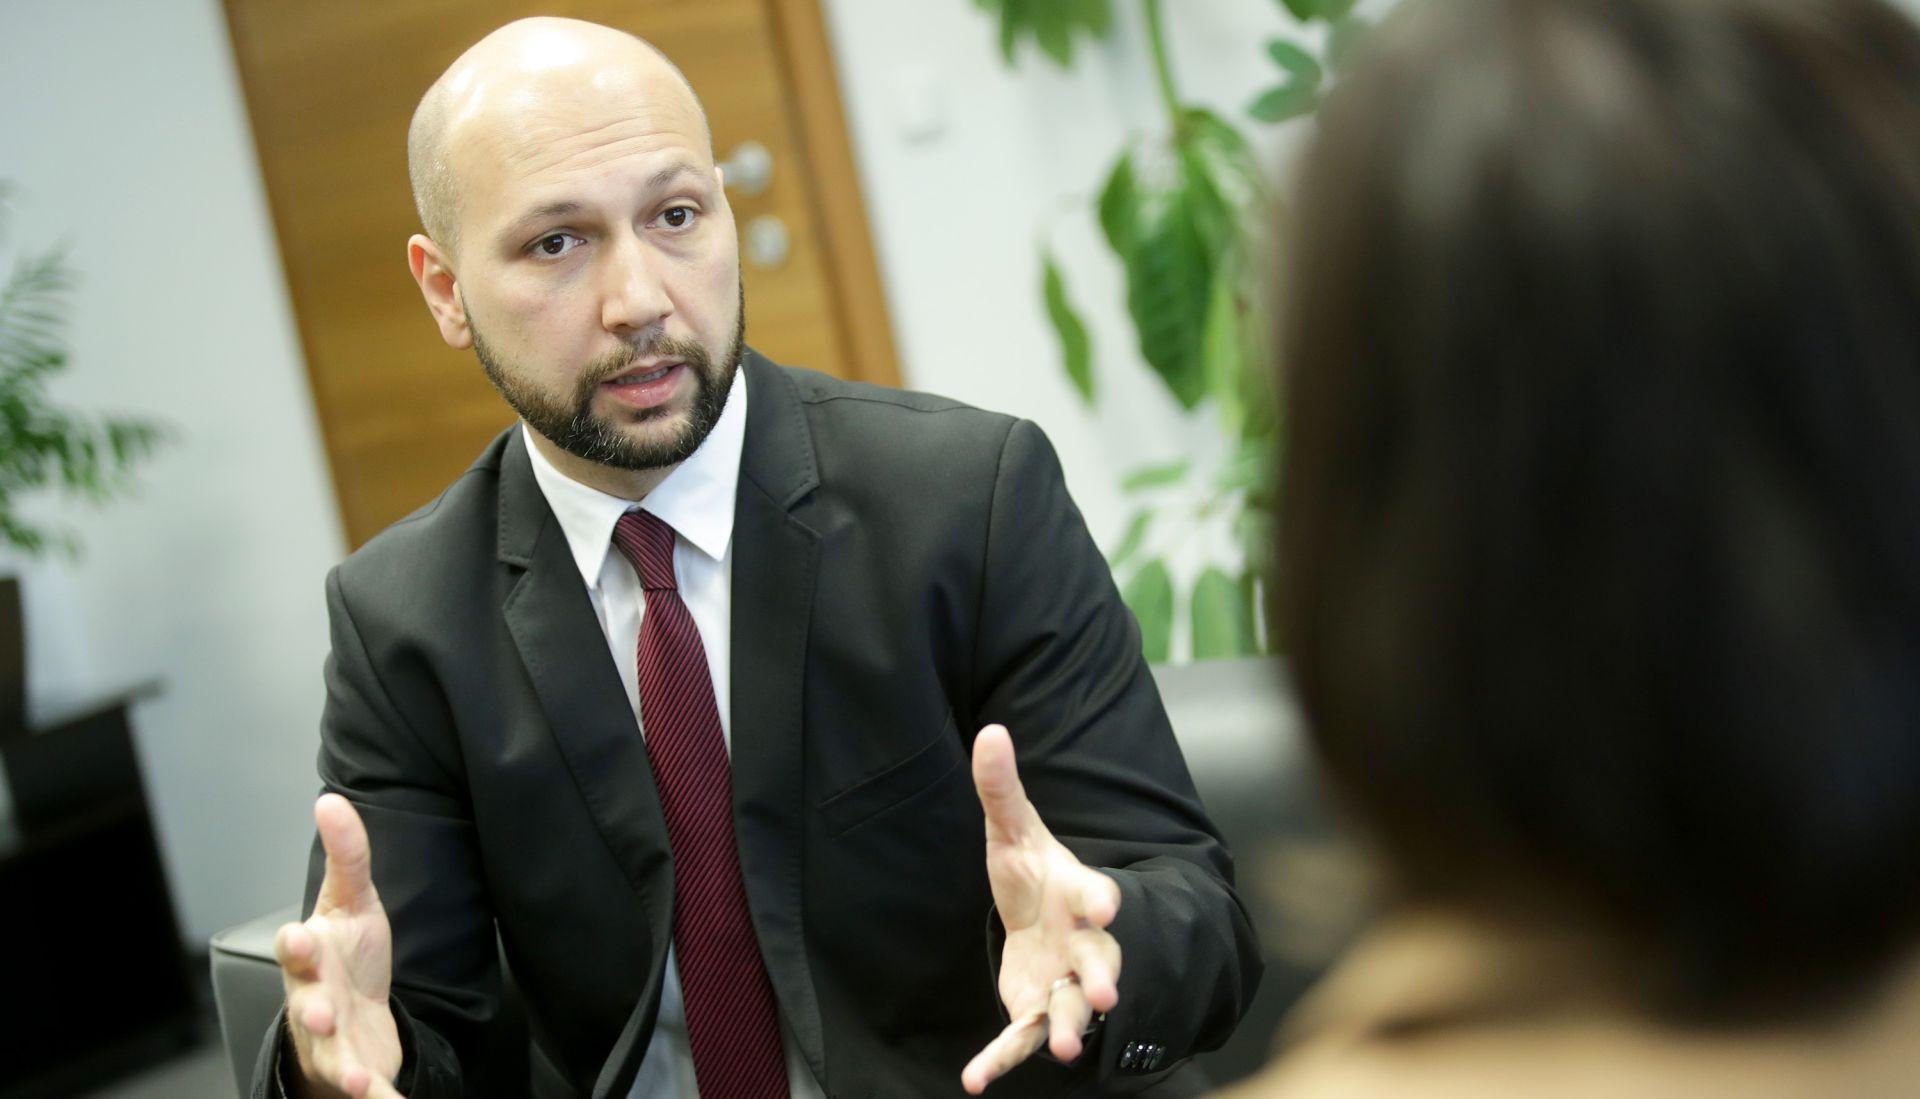 Zmajlović od eurospkog povjerenika za okoliš traži da se ukloni slovenska ograda od žilet-žice